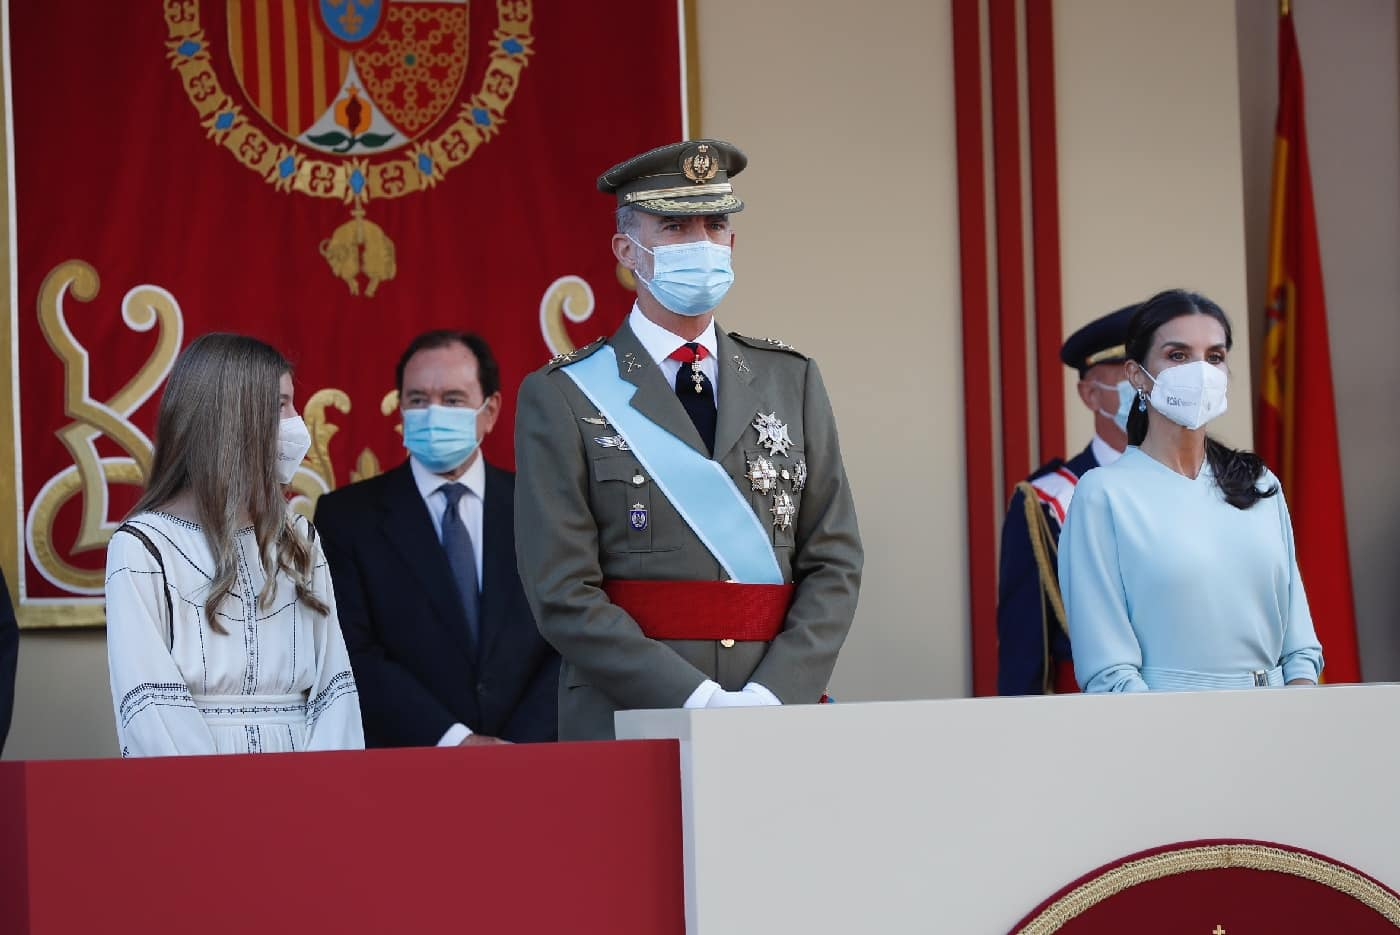 Spanische Royals: Nationalfeiertag ohne Prinzessin Leonor